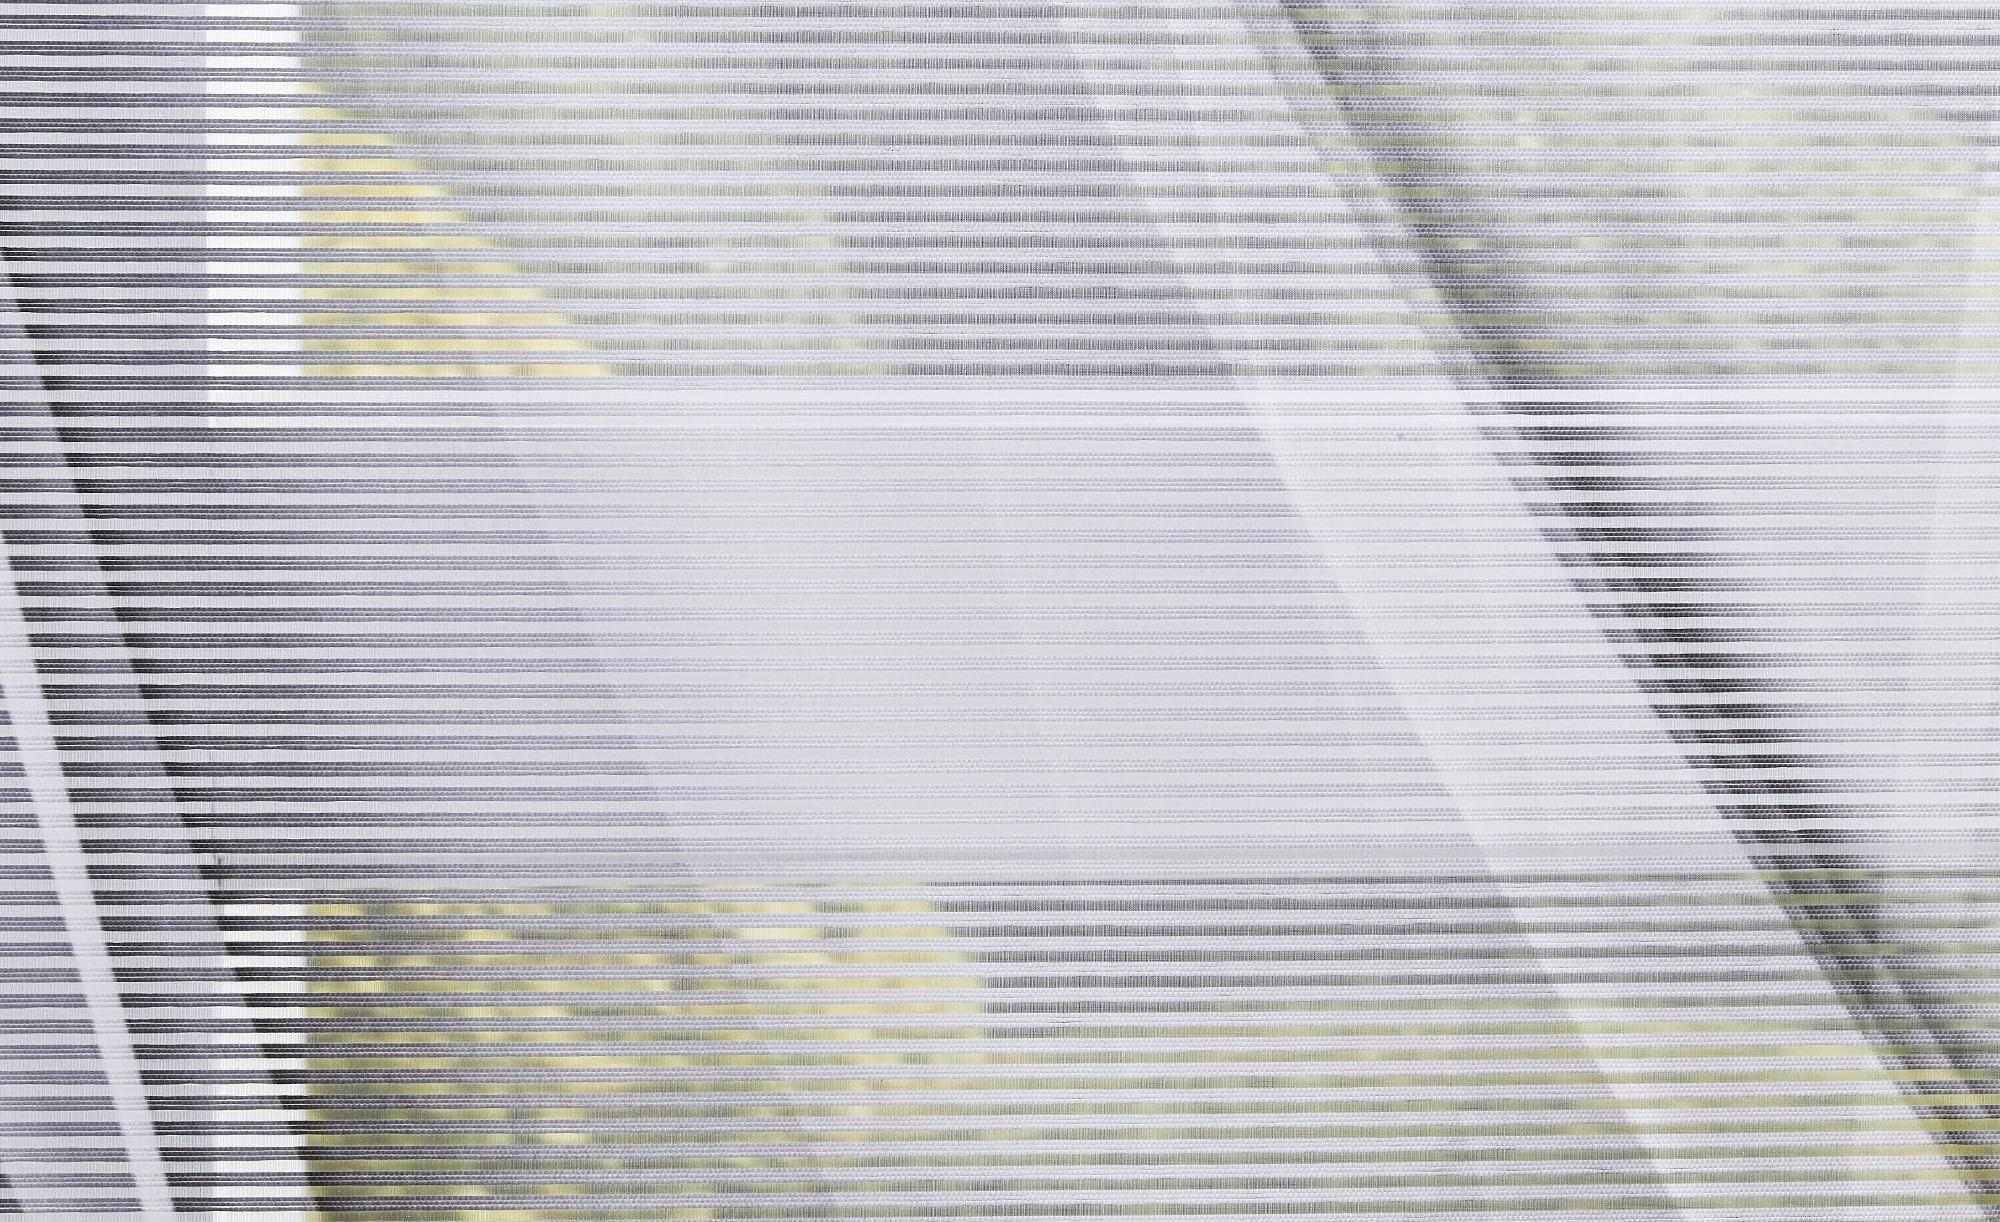 Panello  Uno 1 ¦ grau ¦ 100% Polyester ¦ Maße (cm): B: 60 Gardinen & Vorhänge > Gardinen & Fertigstore > Schiebegardinen - Höffner